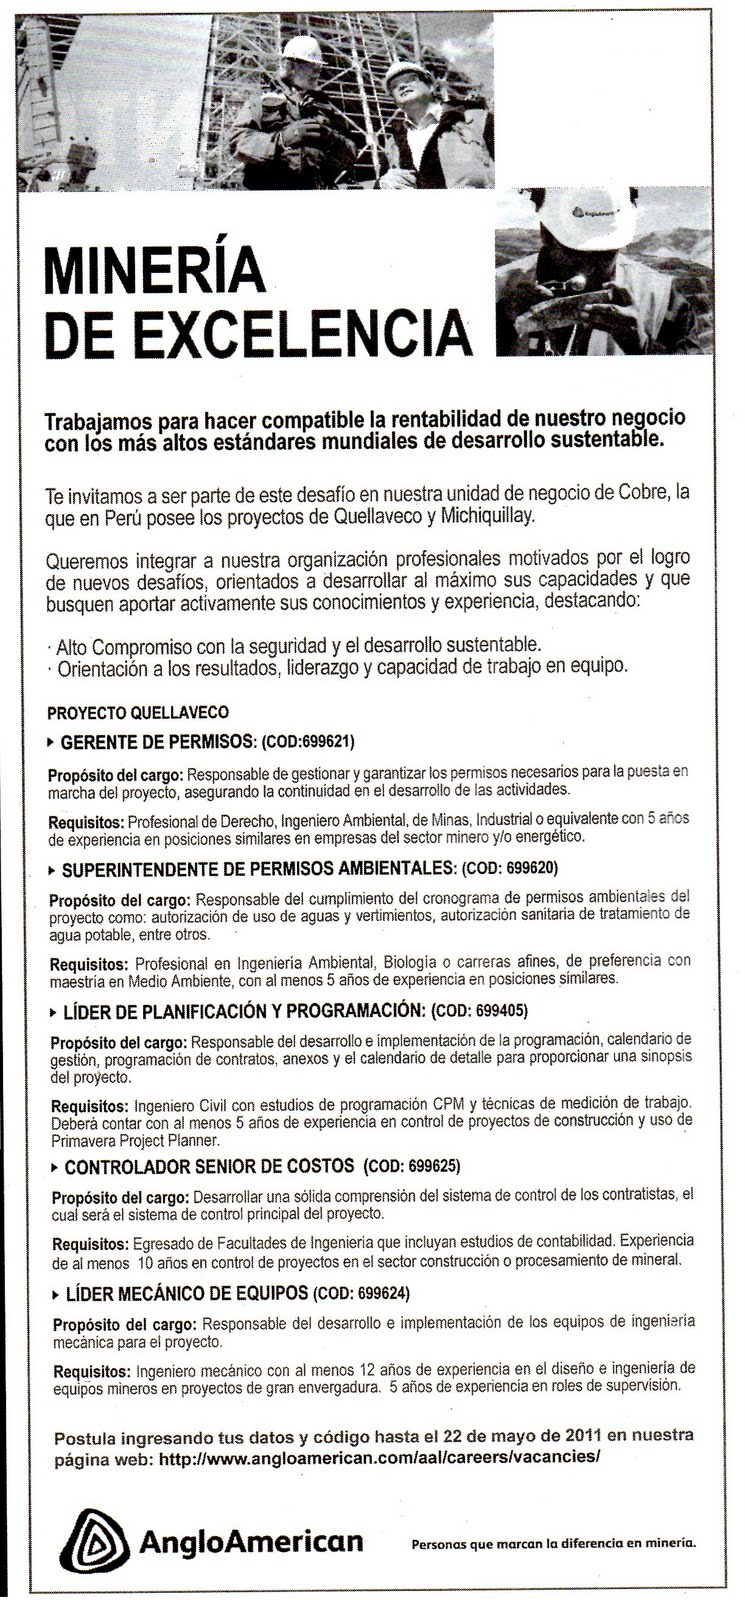 GRUPO INICIATIVA ANTICORRUPCION ILO: Cuando empezará Anglo American ...